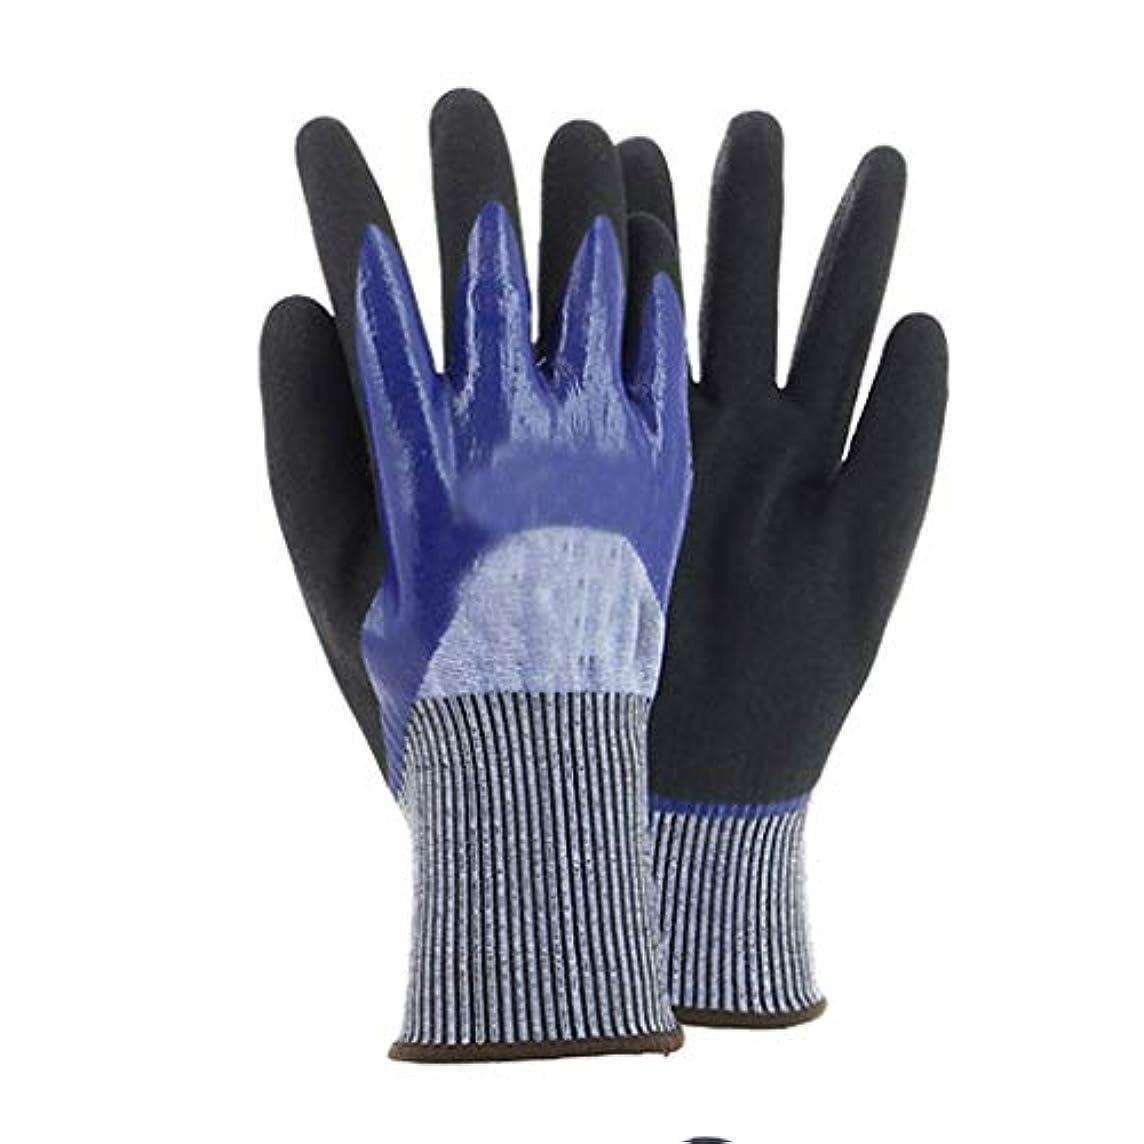 降伏アンティークサスティーンLIUXIN 労働保護手袋カット耐性オイル耐性ニトリルゴム手袋耐摩耗性ブルーマルチサイズオプション ゴム手袋 (Size : L)